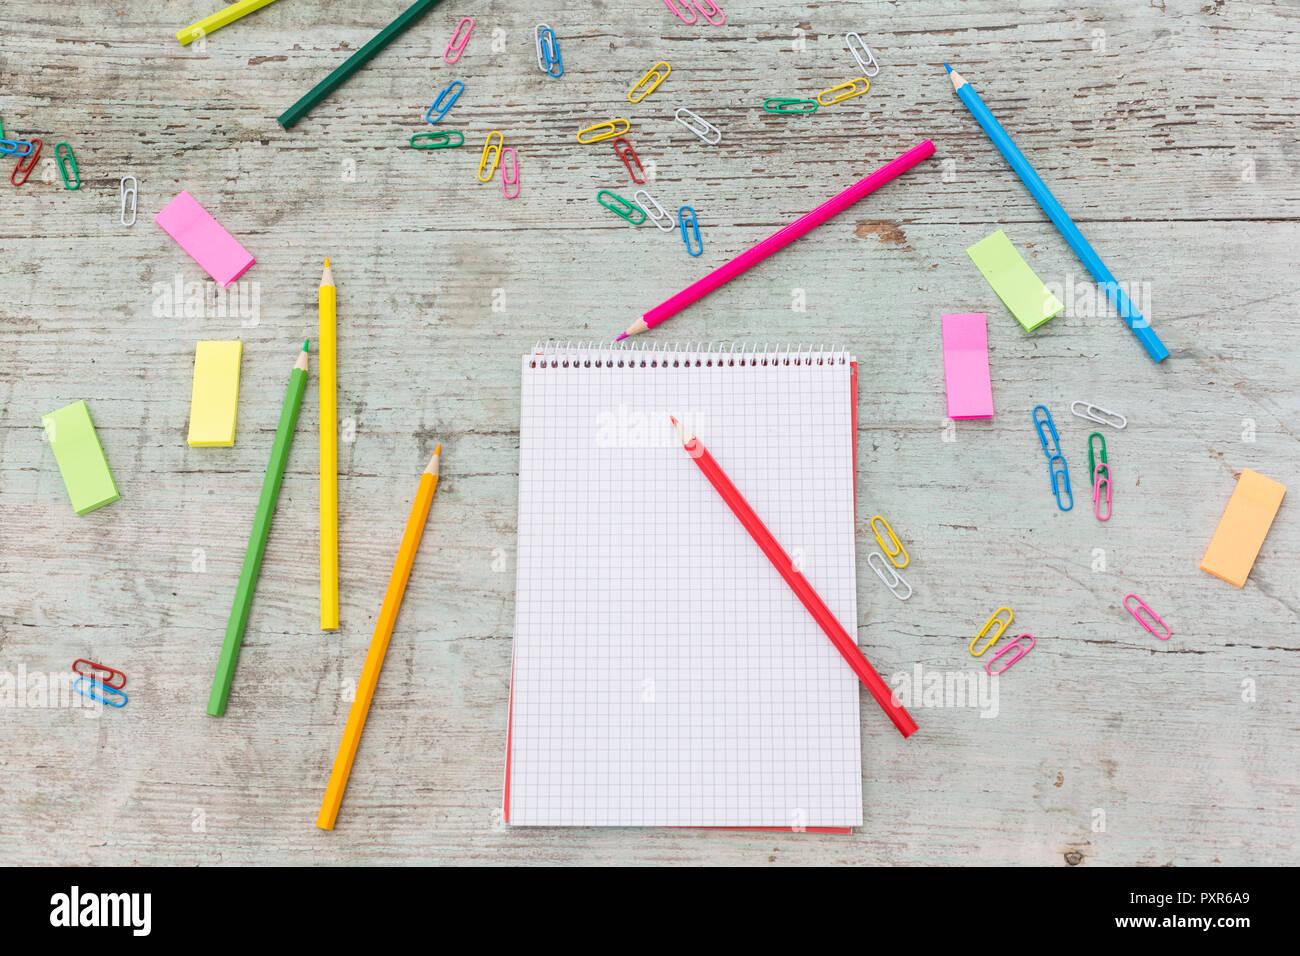 Notebook a spirale, fermaglio, marcatori e matite colorate su legno Foto Stock